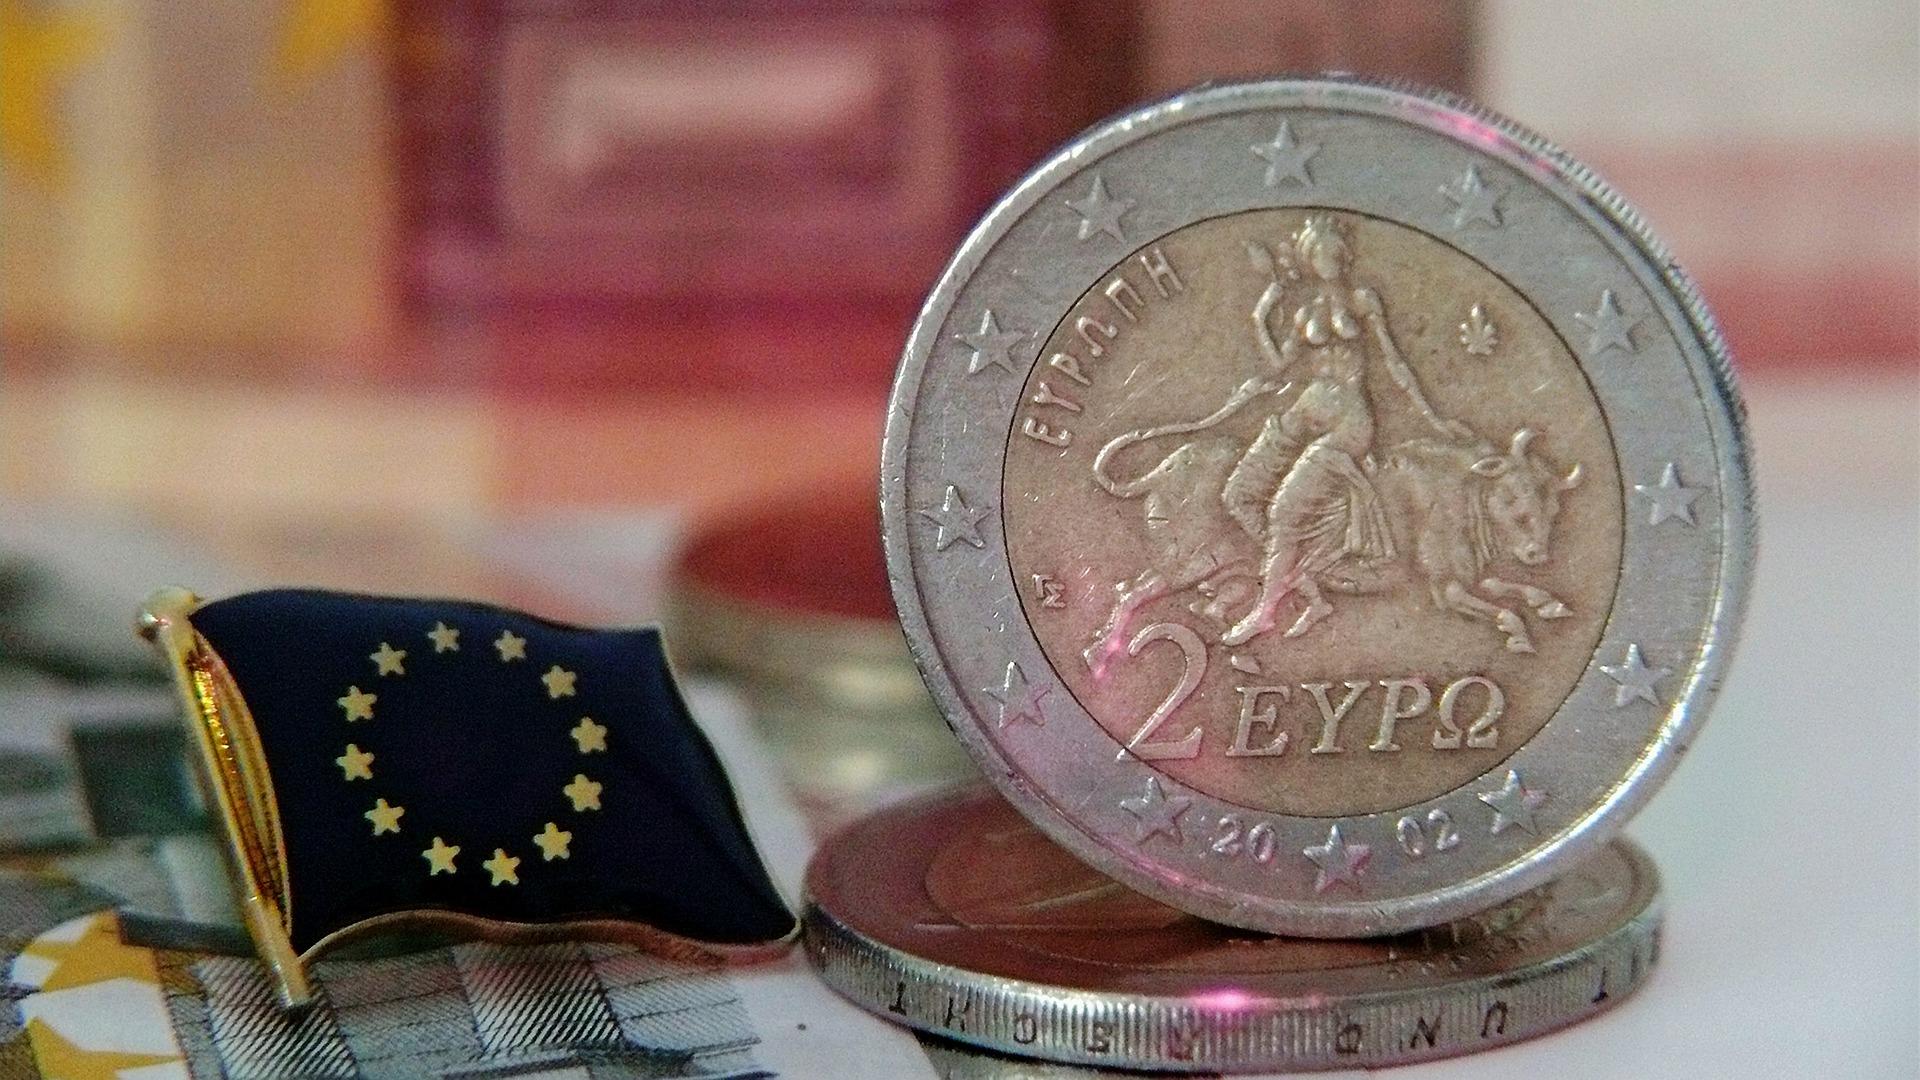 L'EUROPA AIUTERA' LE IMPRESE ATTRAVERSO FINANZIAMENTI 3